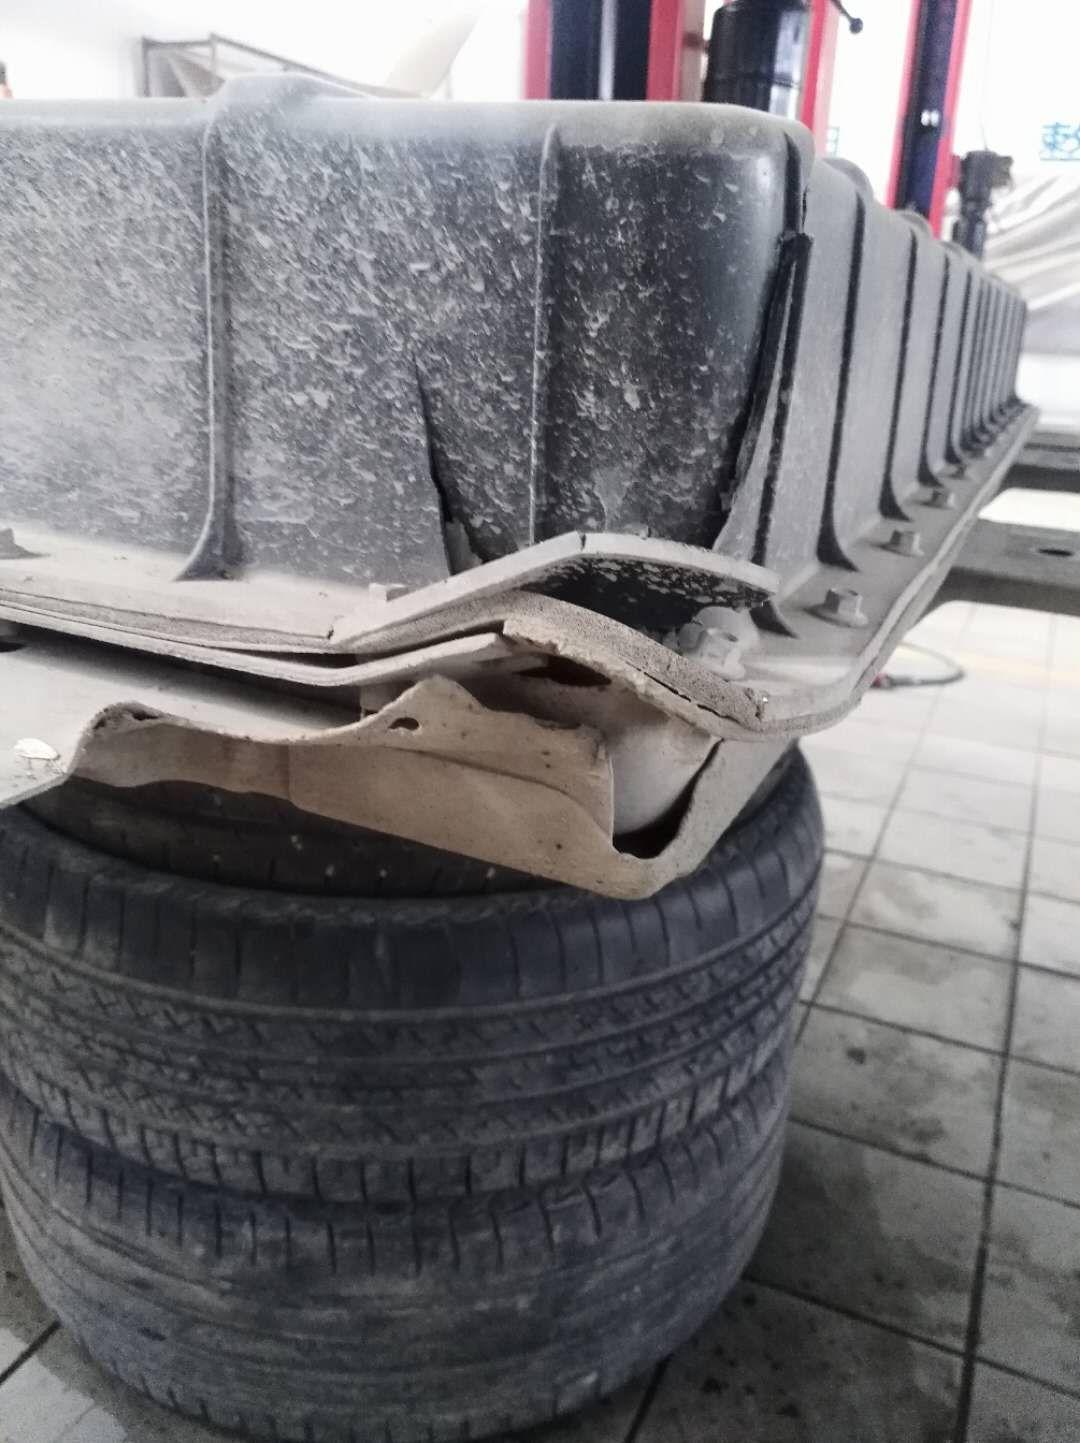 奇瑞汽车-奇瑞eQ1 汽车质量问题,4S店和厂家态度和技术问题